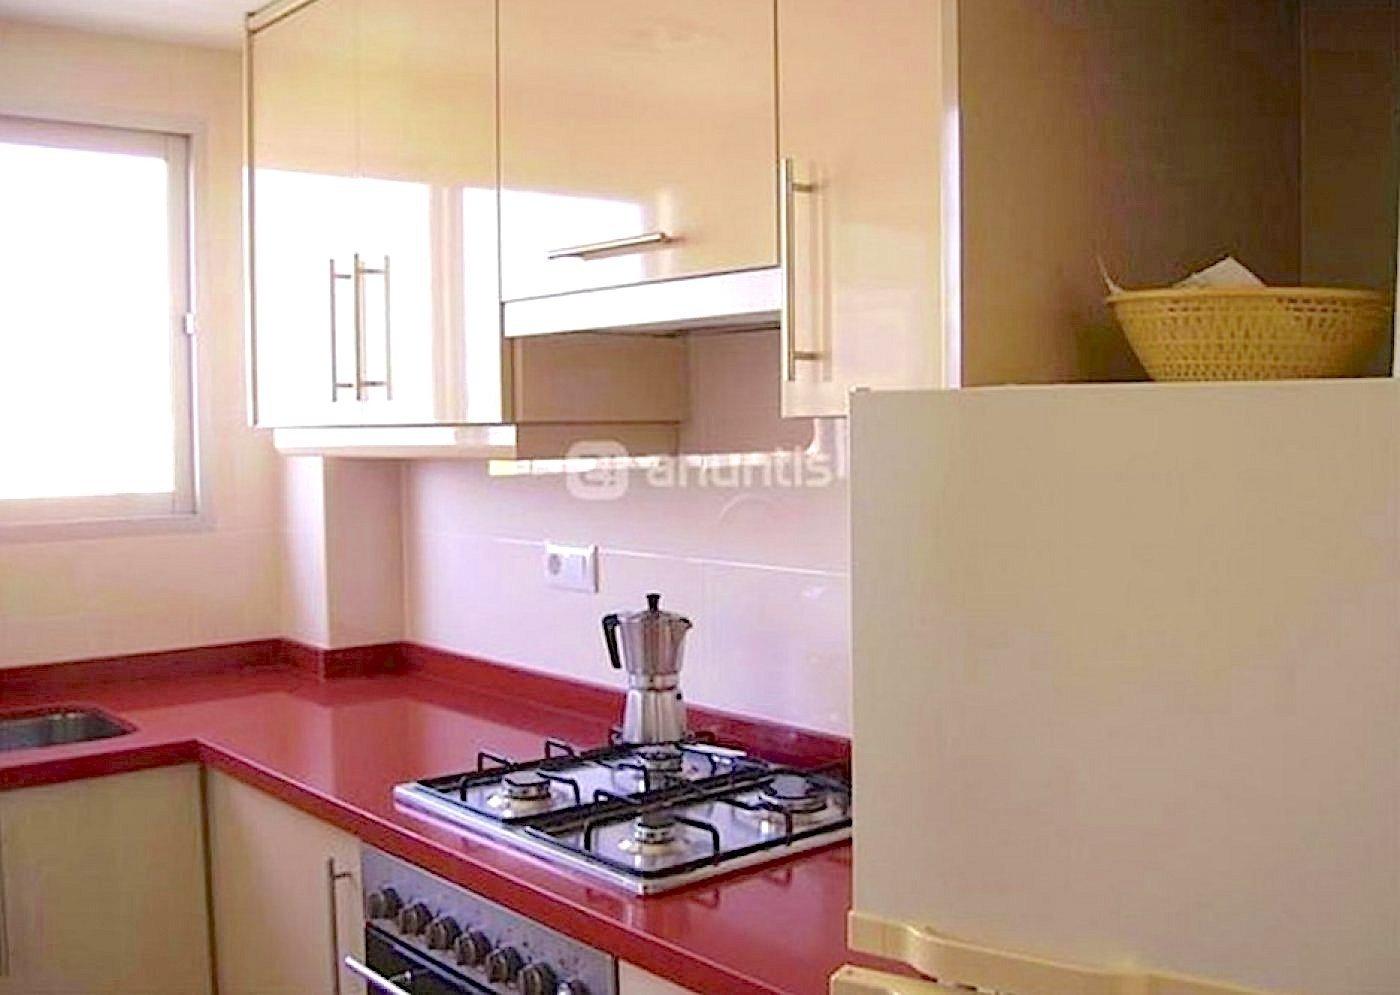 Apartamento en calle menorca - imagenInmueble8